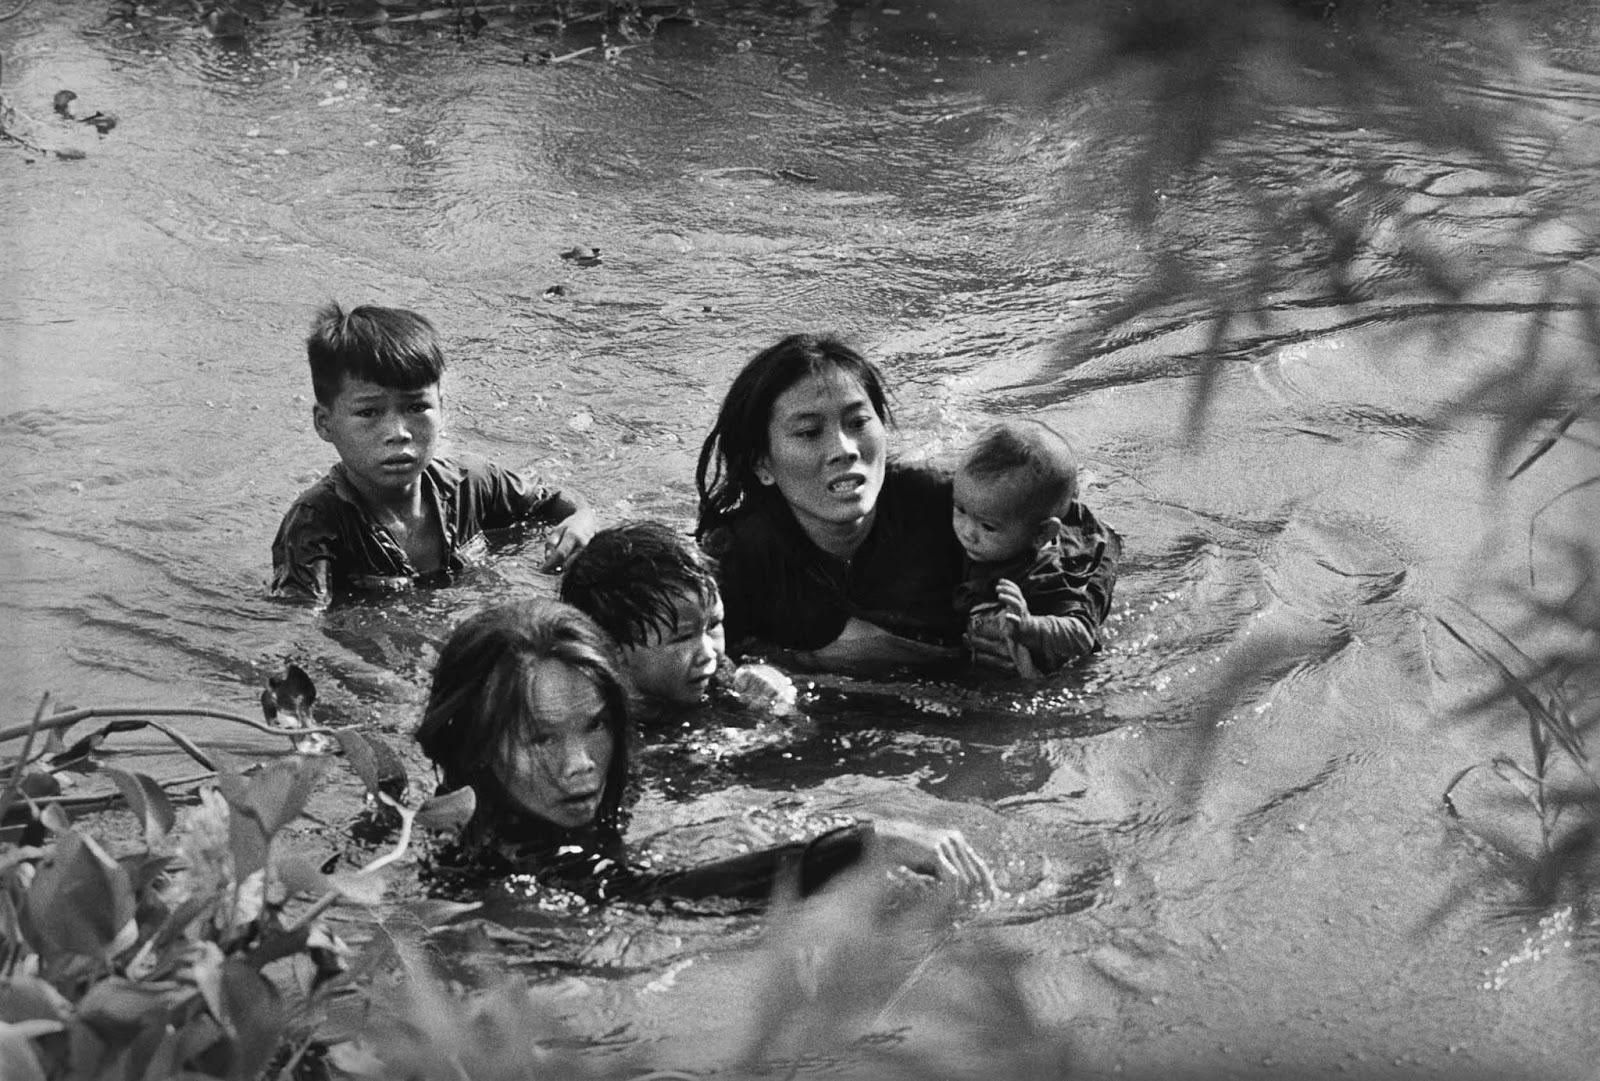 Era il 1965: la foto di Kyōichi Sawada e la Guerra del Vietnam • Uozzart